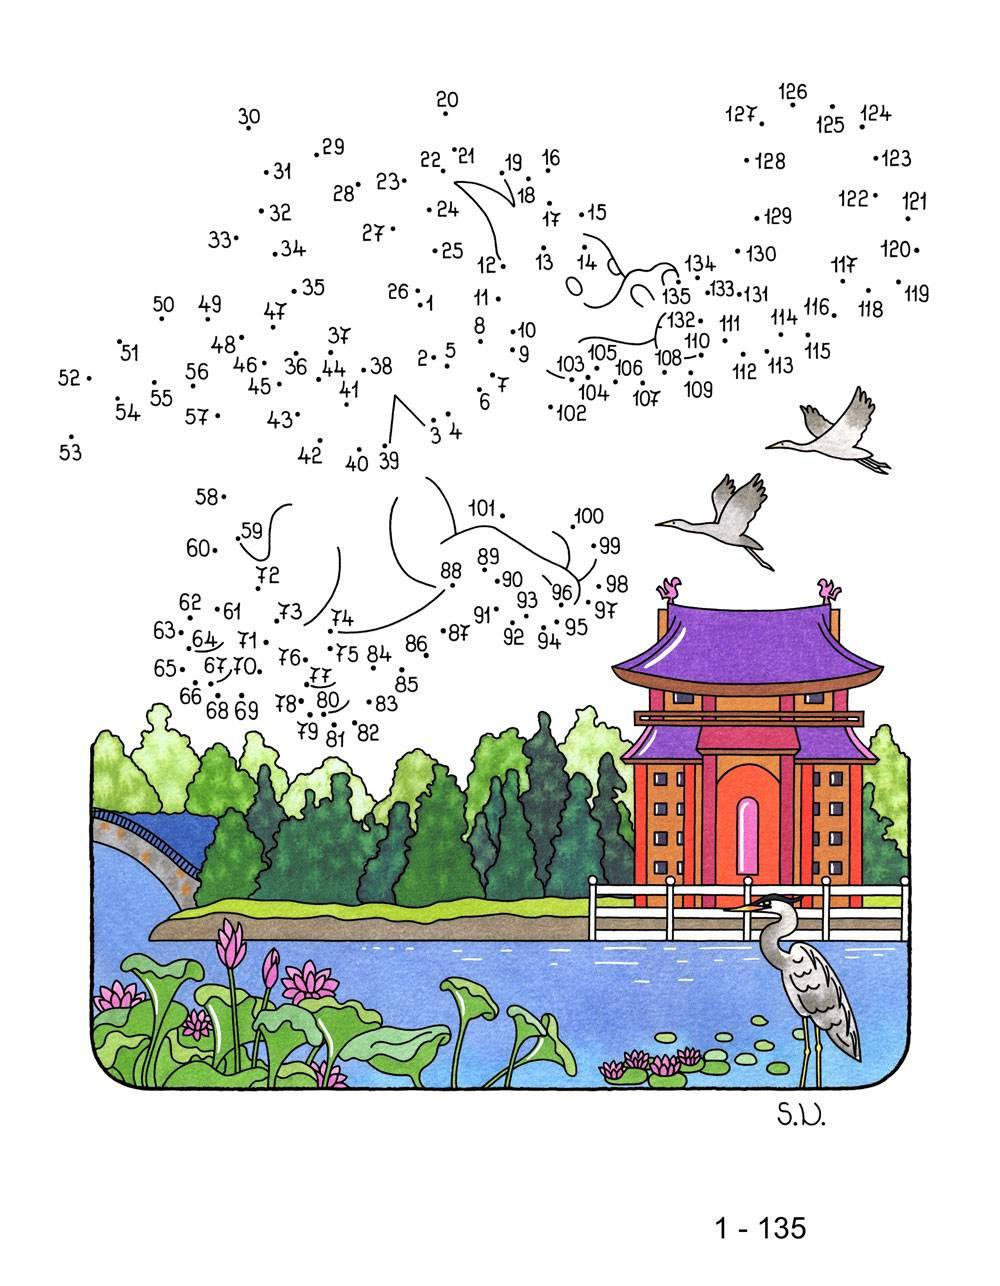 Malen Nach Zahlen Kostenlos Punkte Verbinden Das Beste Von Ausmalbild Malen Nach Zahlen Fliegenden Drachen Ausmalen Kostenlos Sammlung